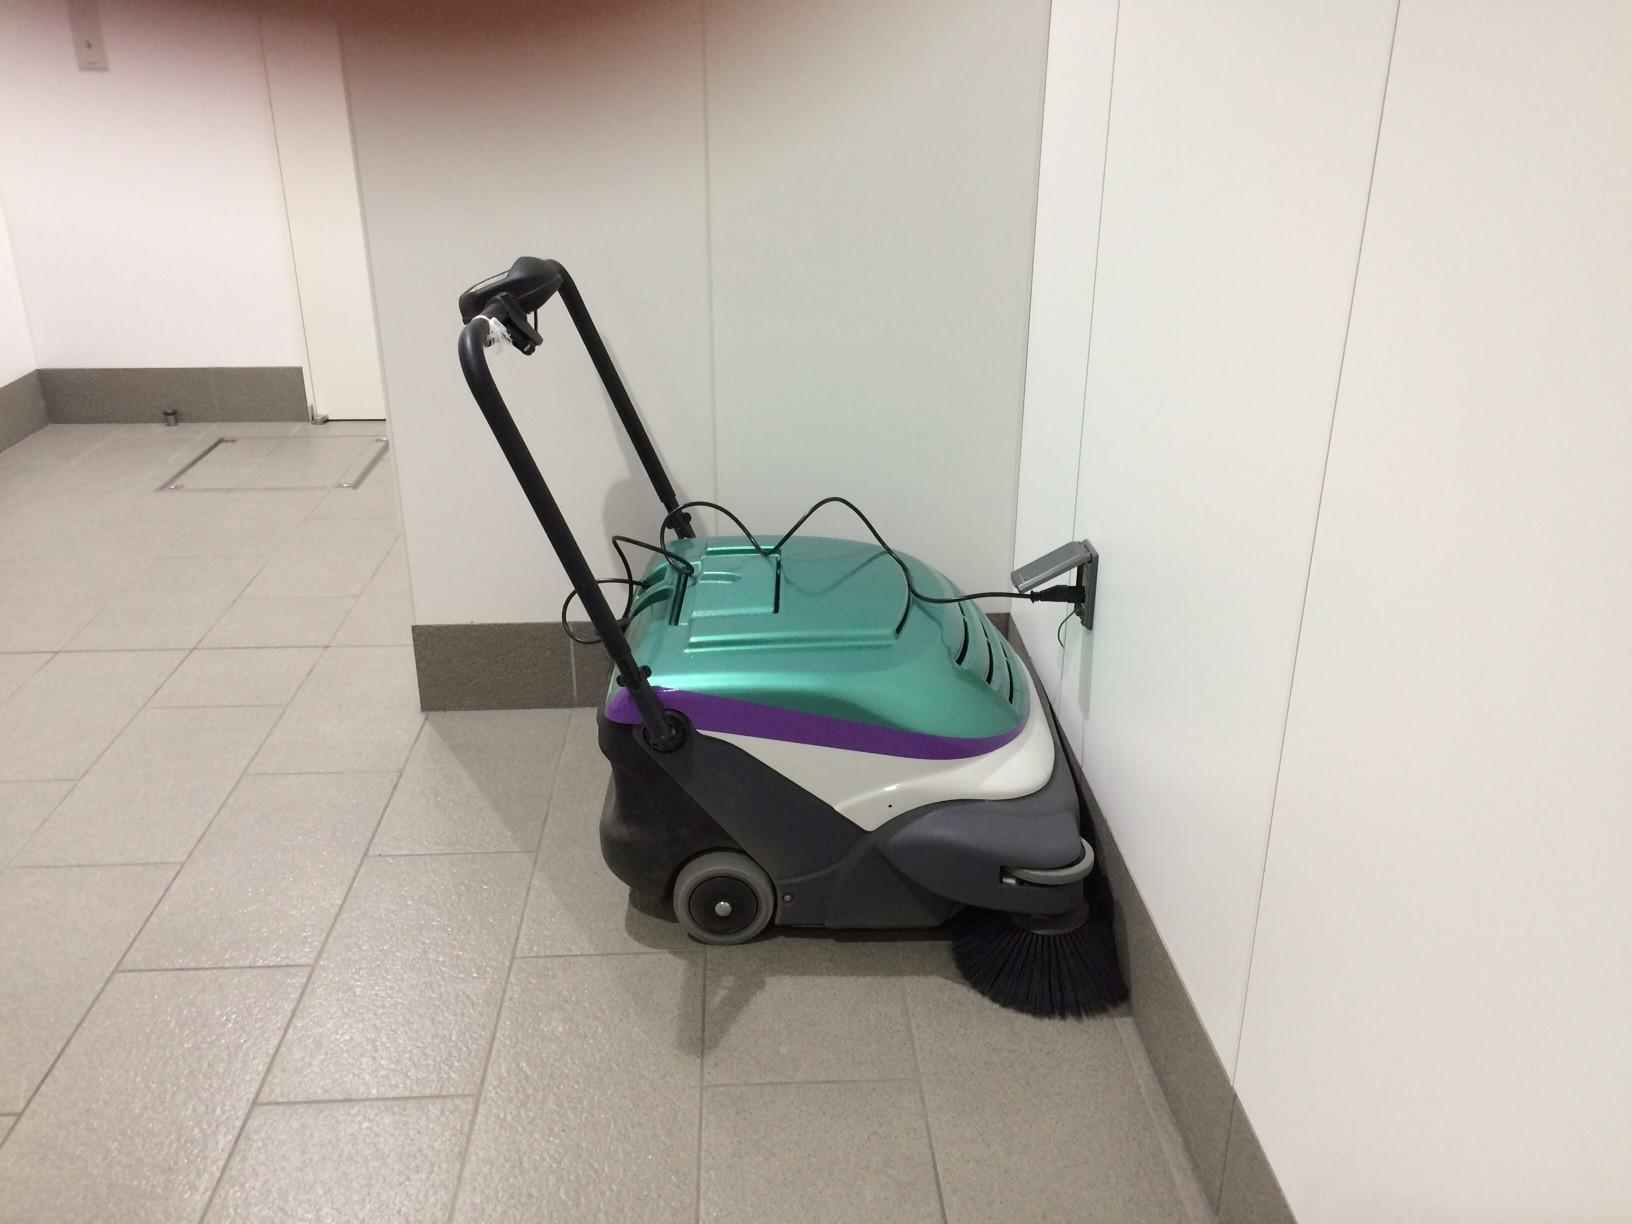 充電中の掃除機発見 これも新幹線とおなじ配色(?)